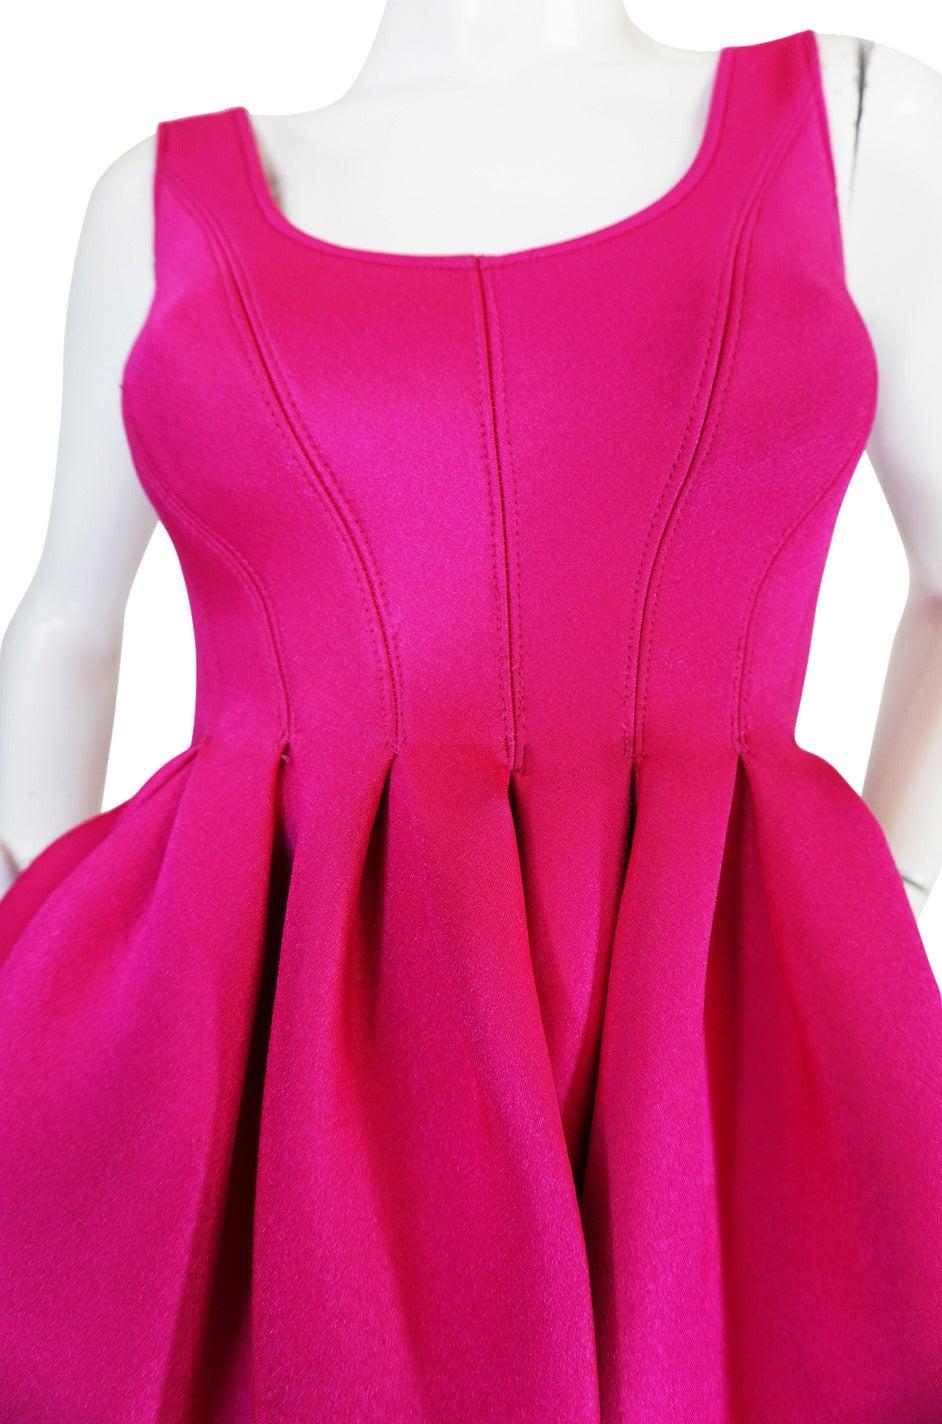 F/W 1994 Donna Karan Museum Held Neoprene Mini Dress 4